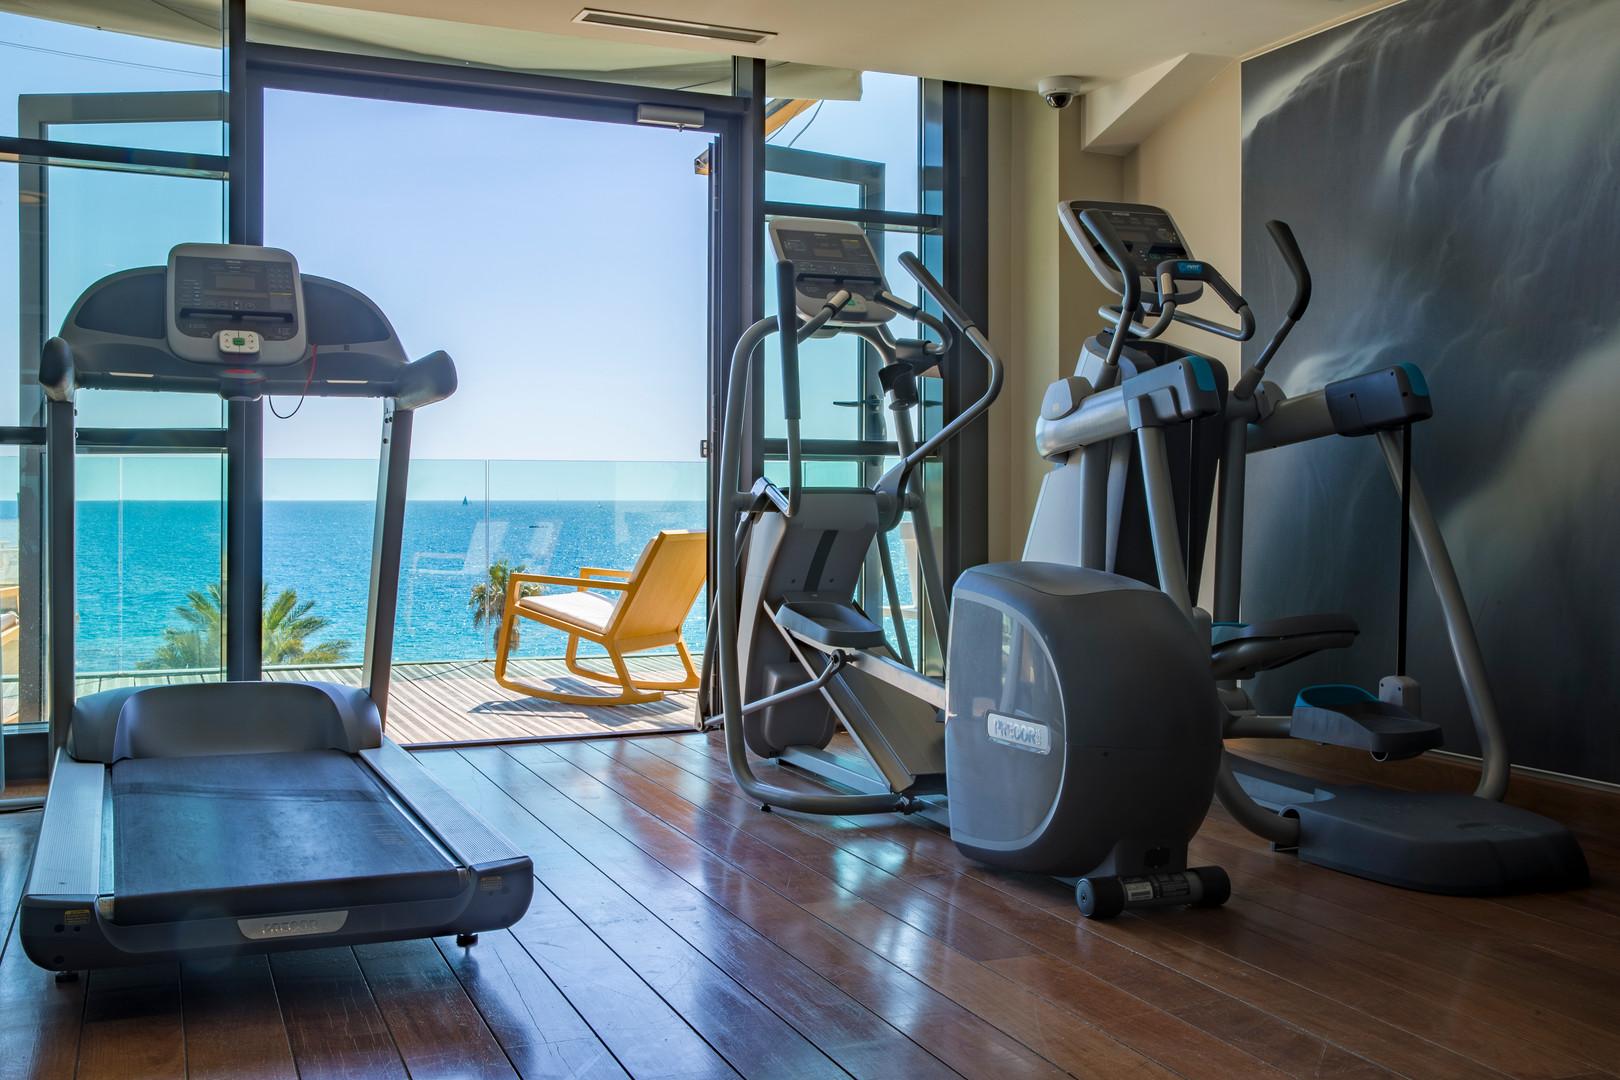 Thermes Marins de Cannes - Salle de Fitness